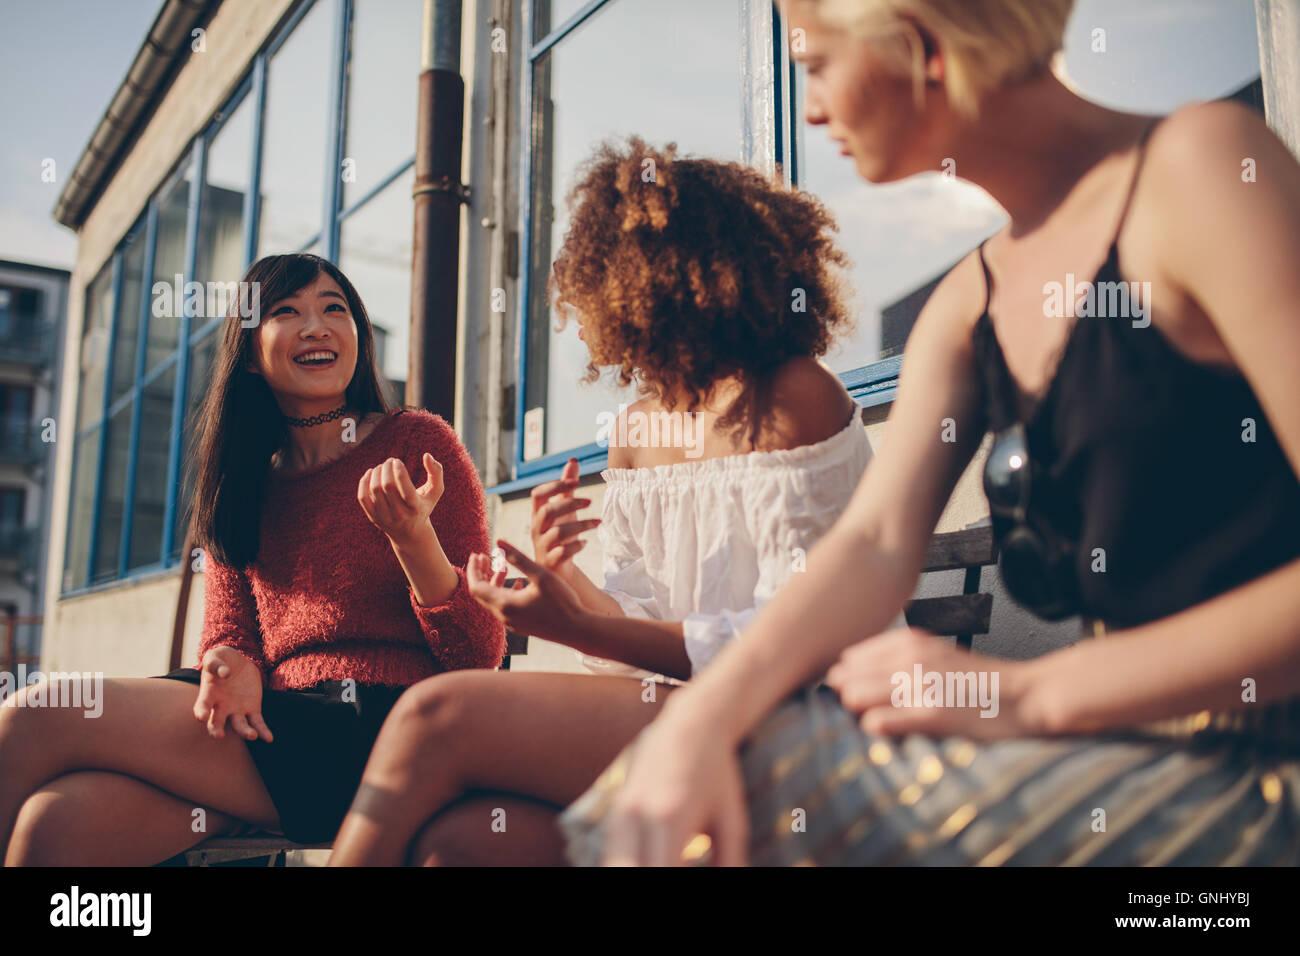 Grupo multiétnico de amigas sentados afuera y hablar. Las mujeres jóvenes sentados en el balcón. Imagen De Stock